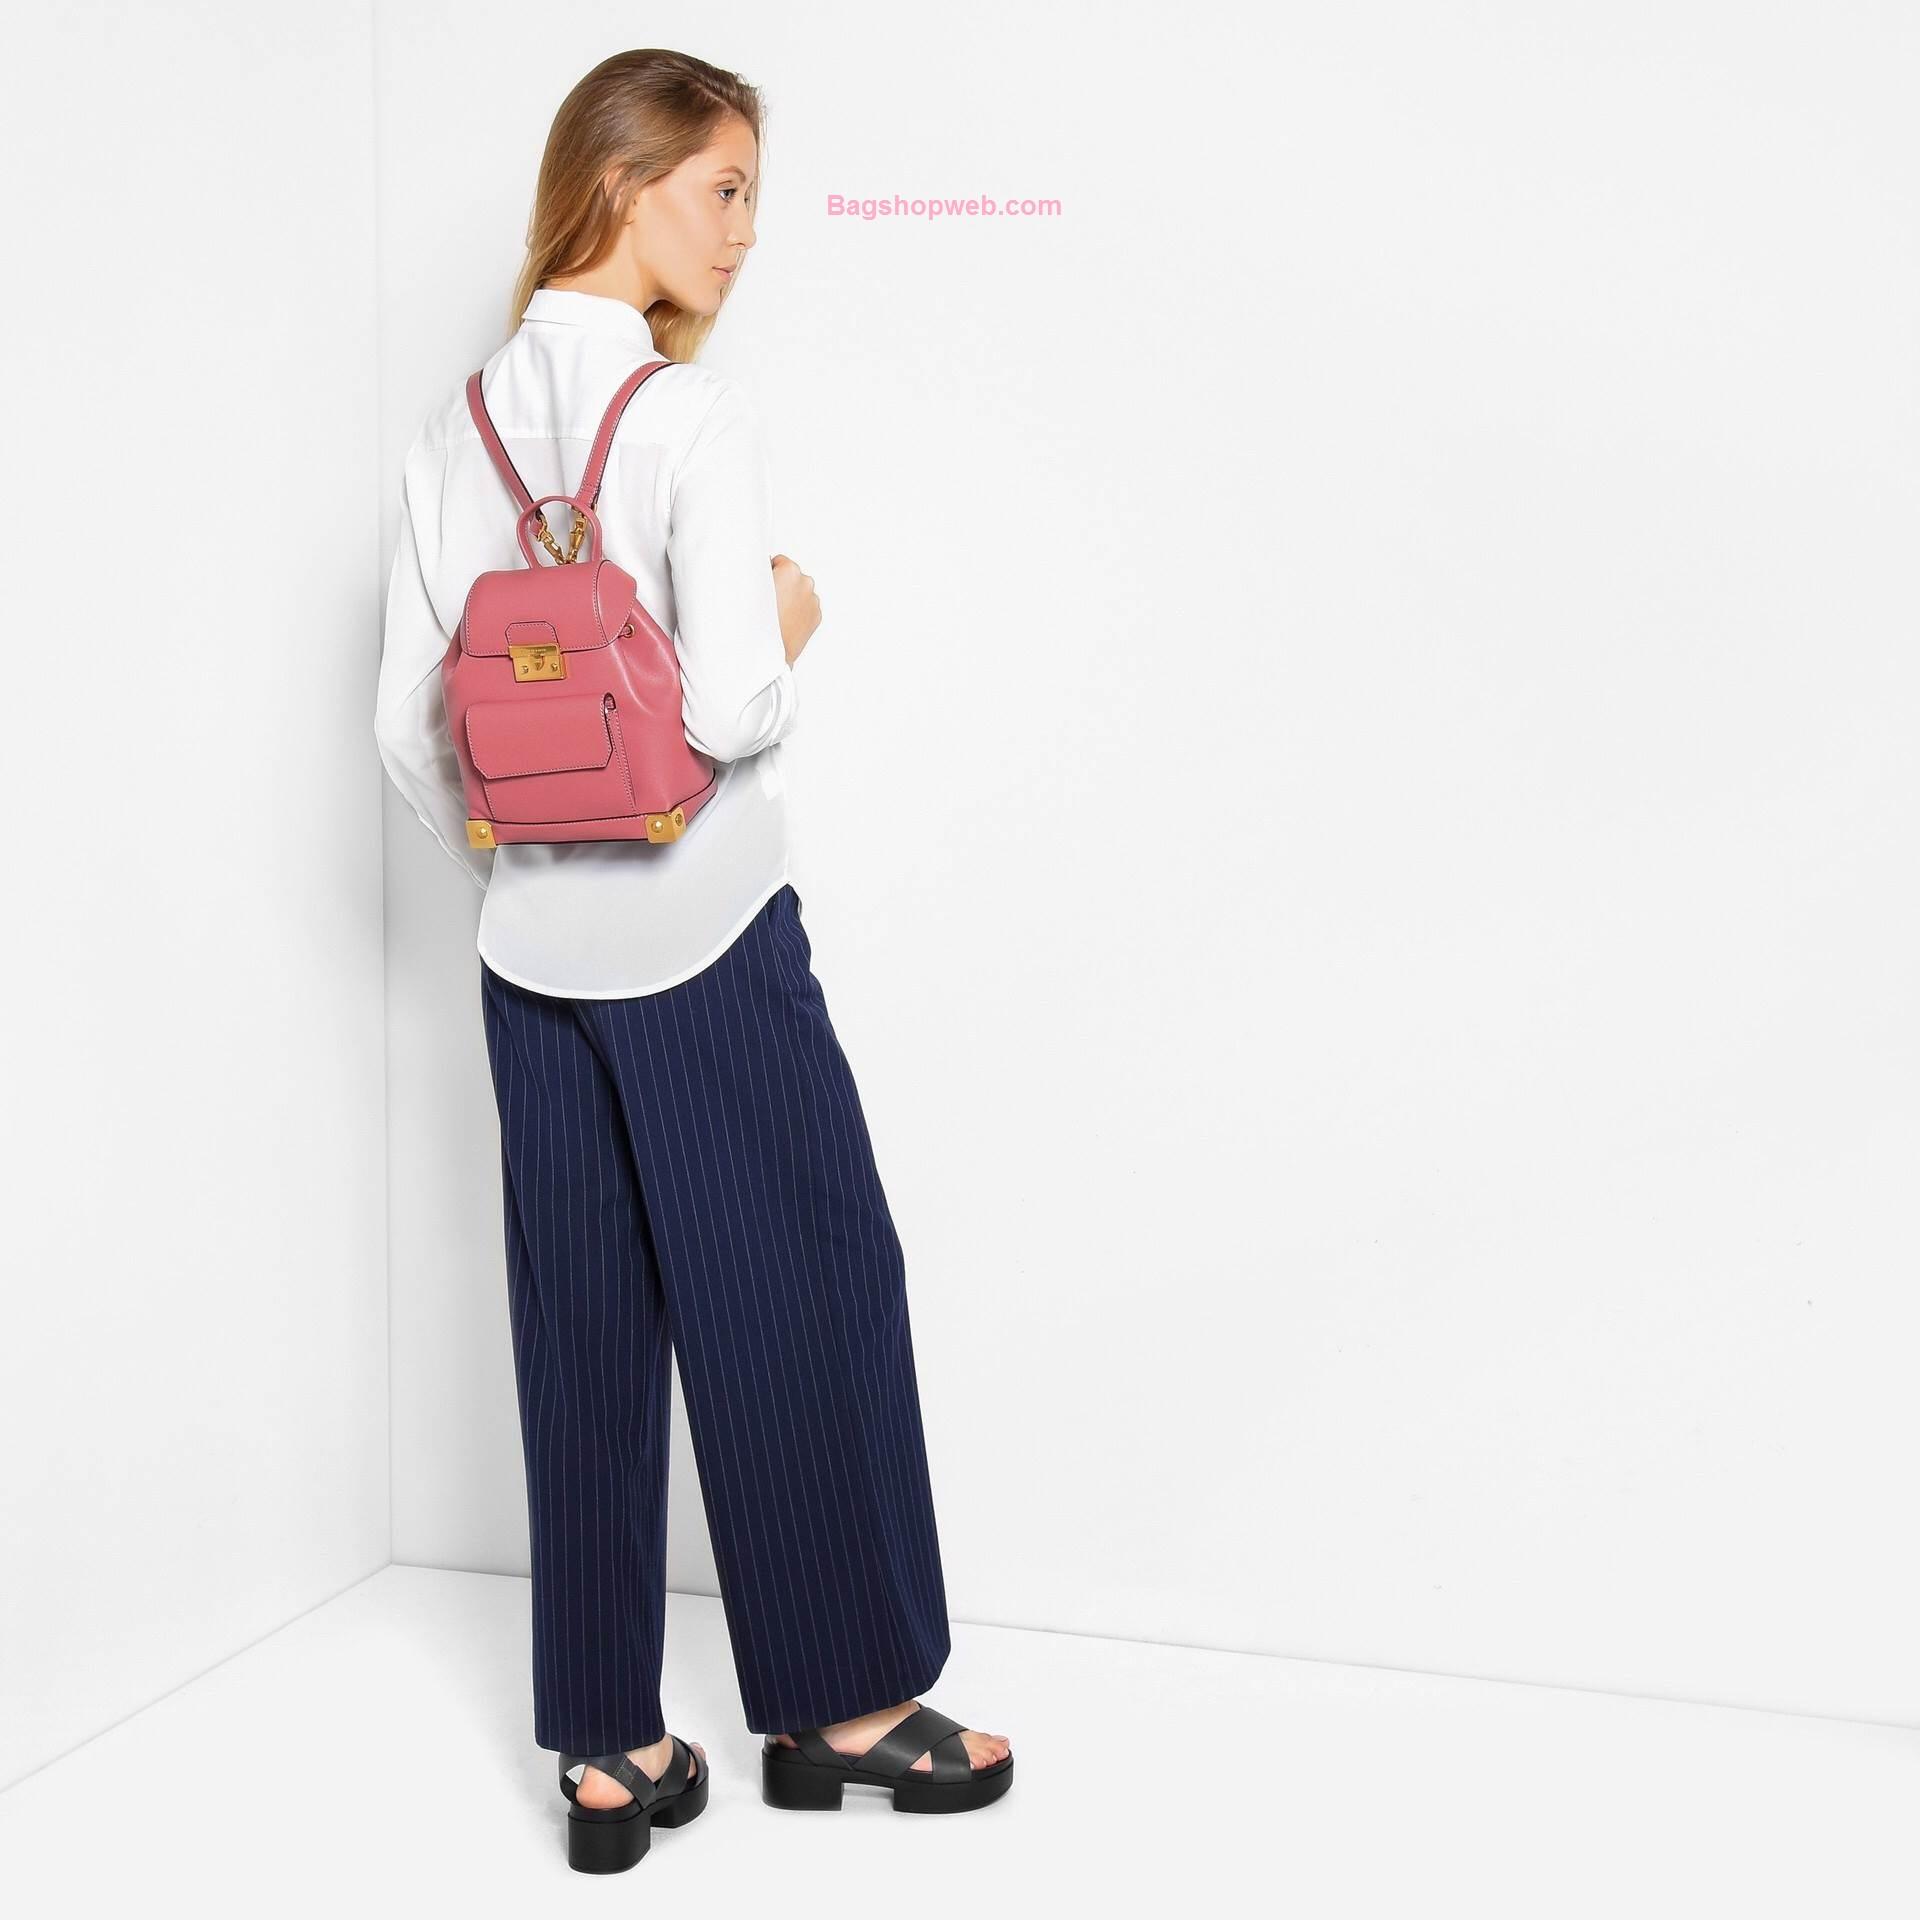 กระเป๋า CHARLES & KEITH METALIC PLATE BACKPACK สีชมพู ราคา 1,490 บาท Free Ems